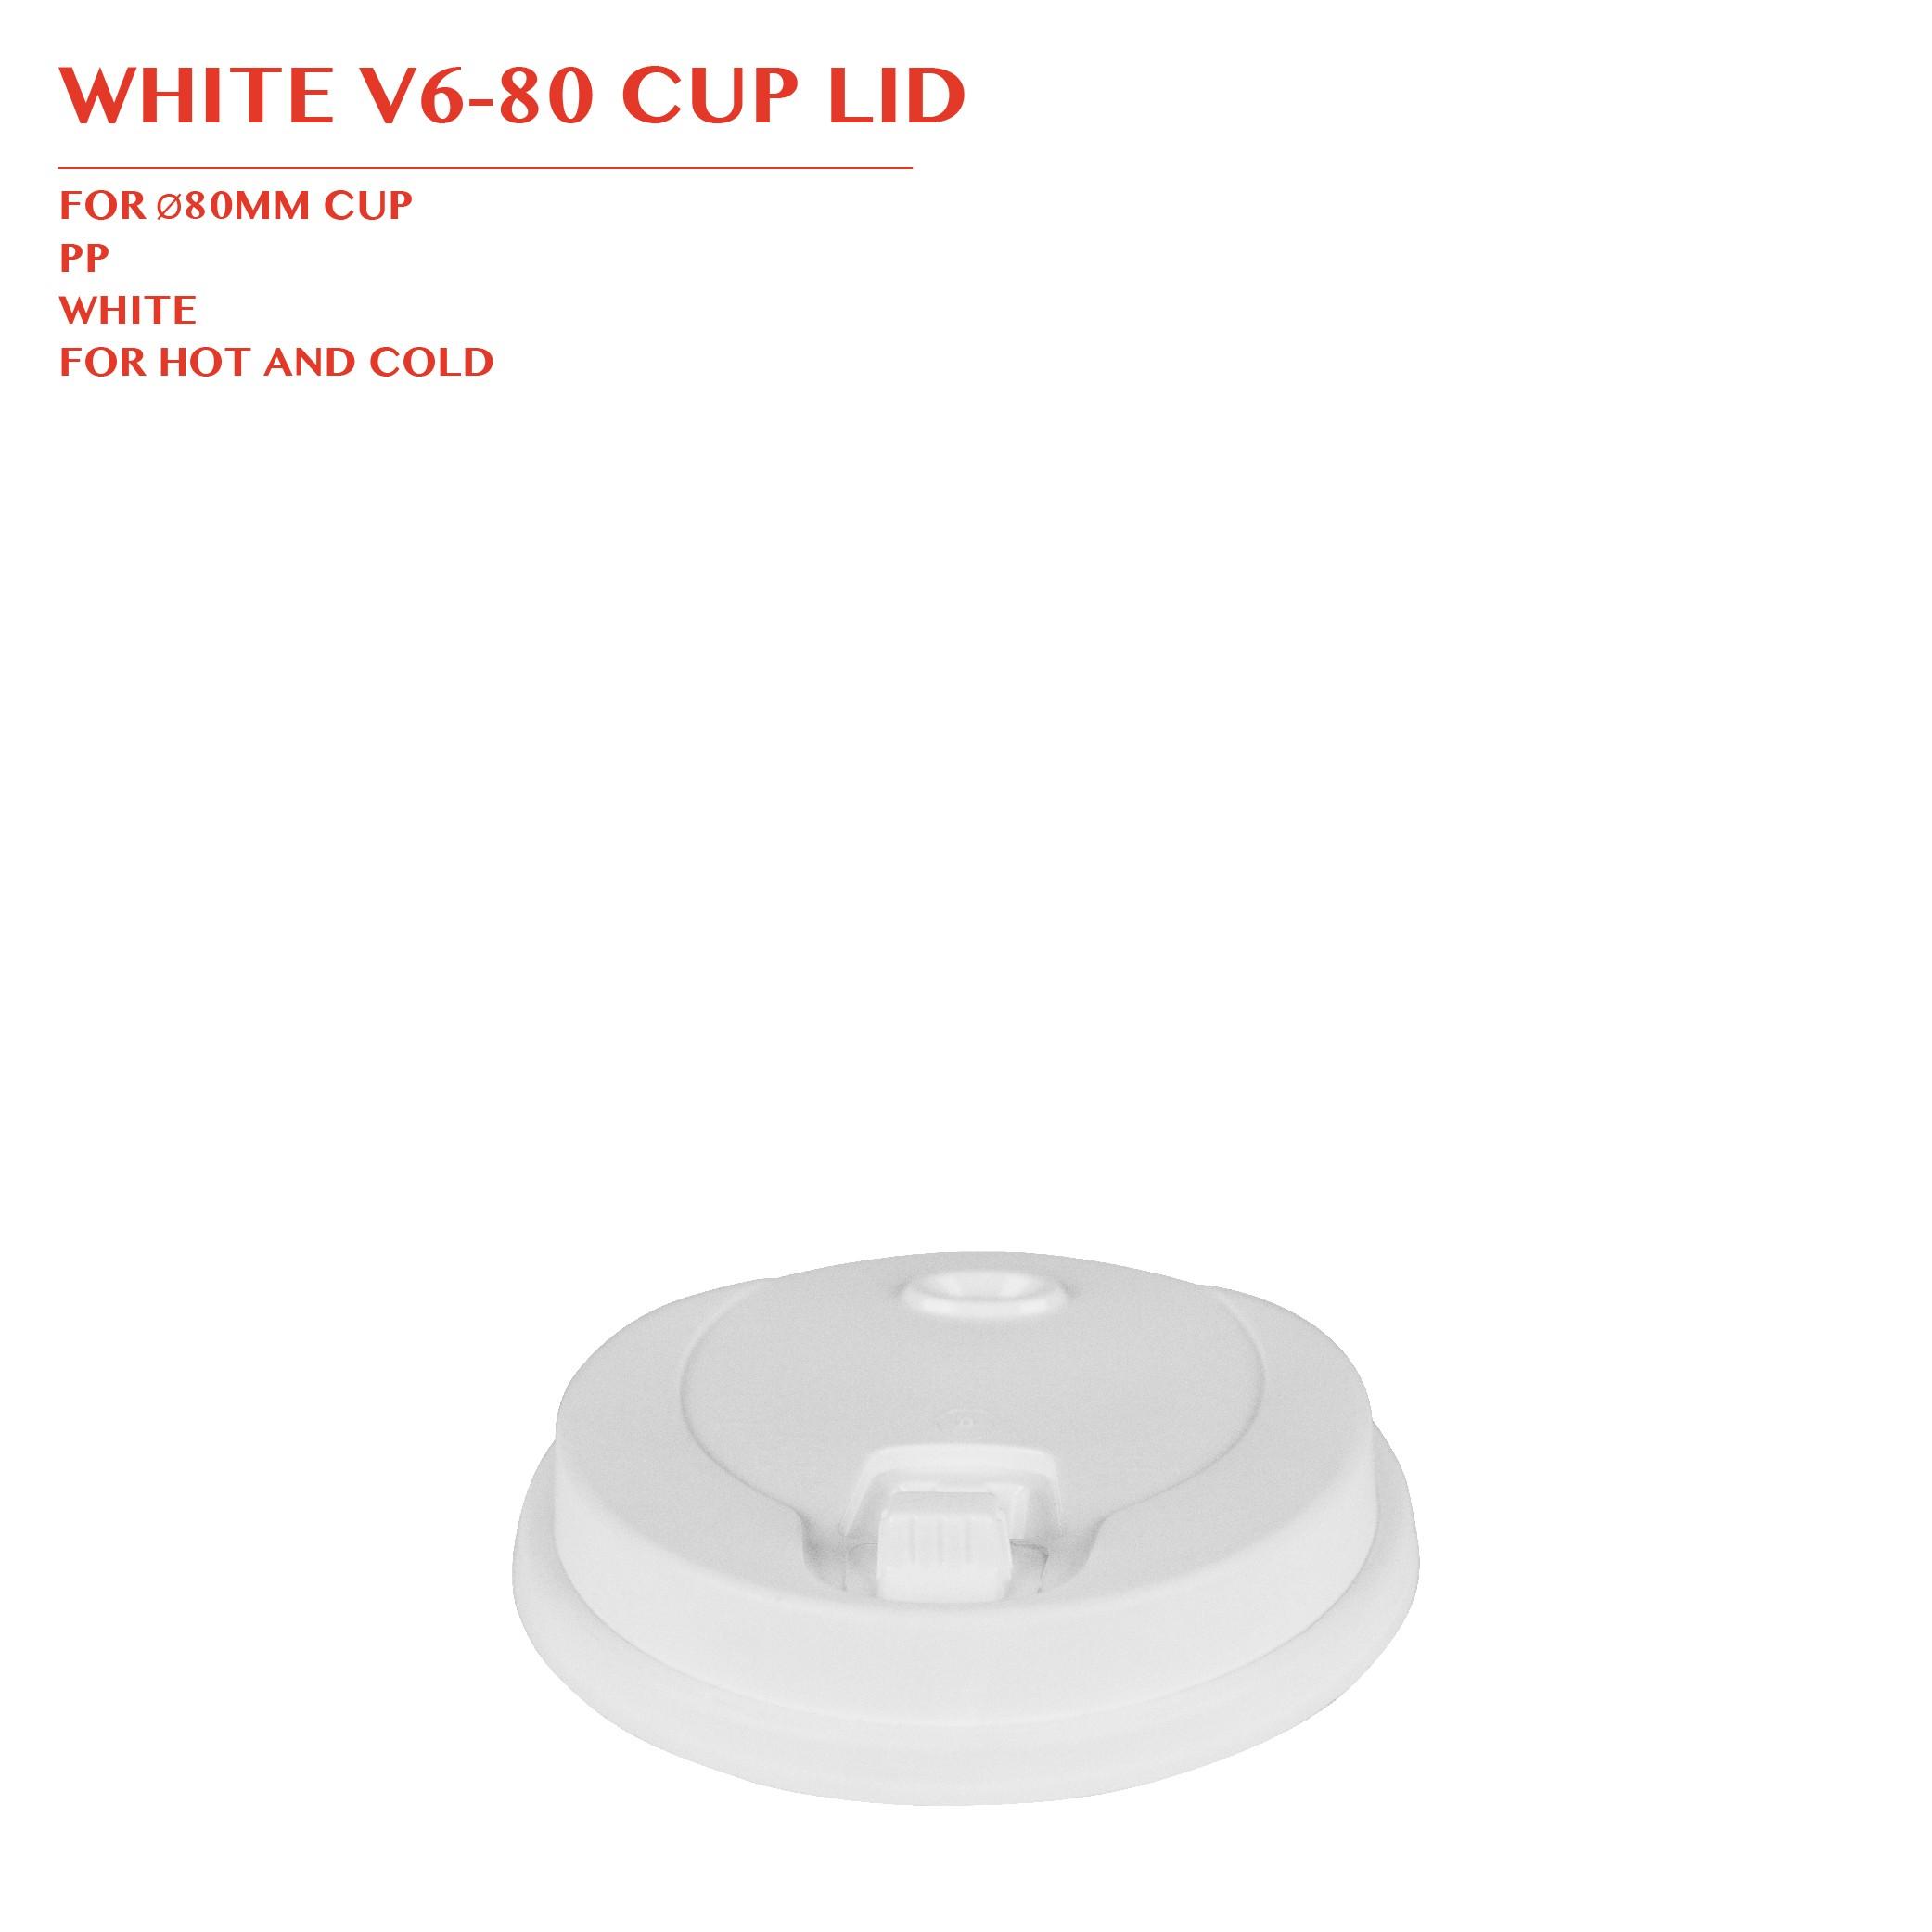 WHITE V6-80 CUP LID Ø80MM 1000PCS/CTN